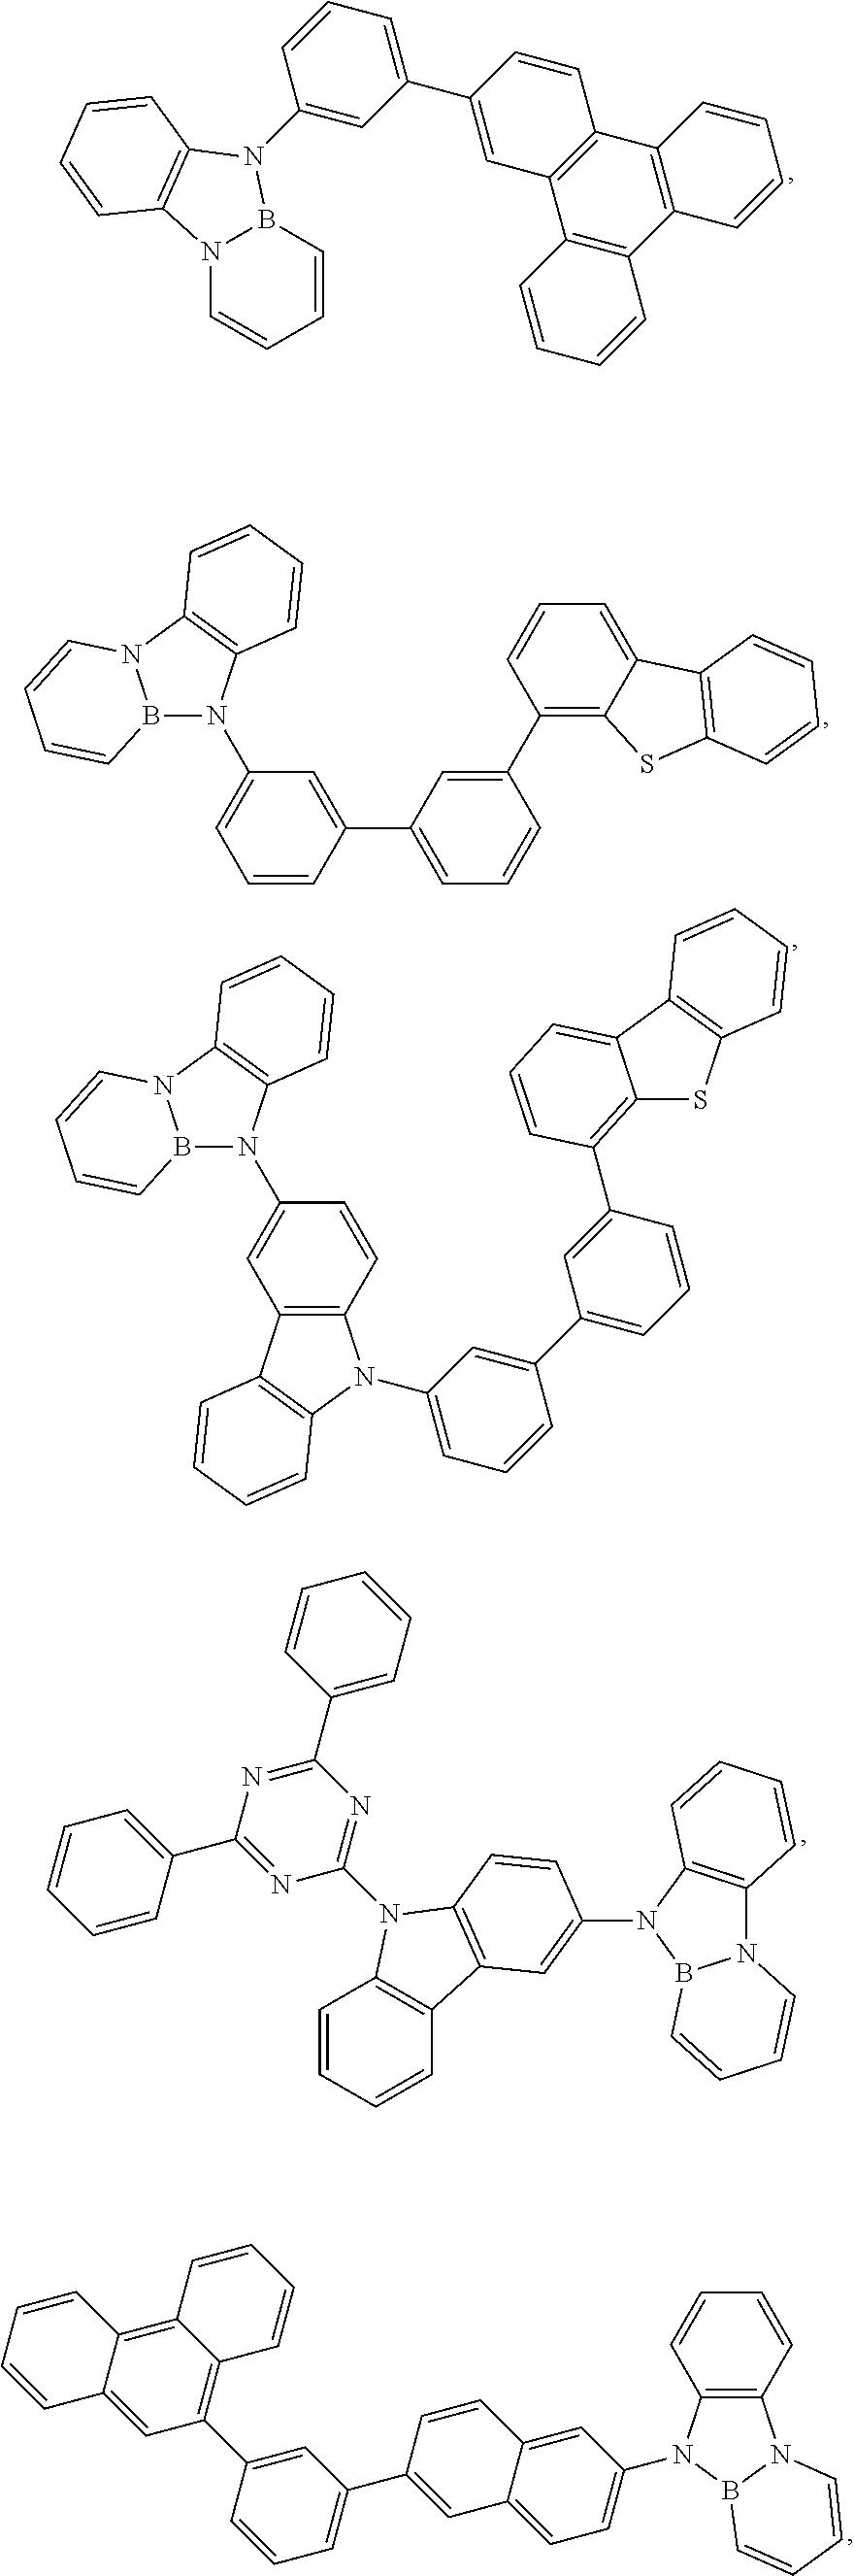 Figure US09287513-20160315-C00017